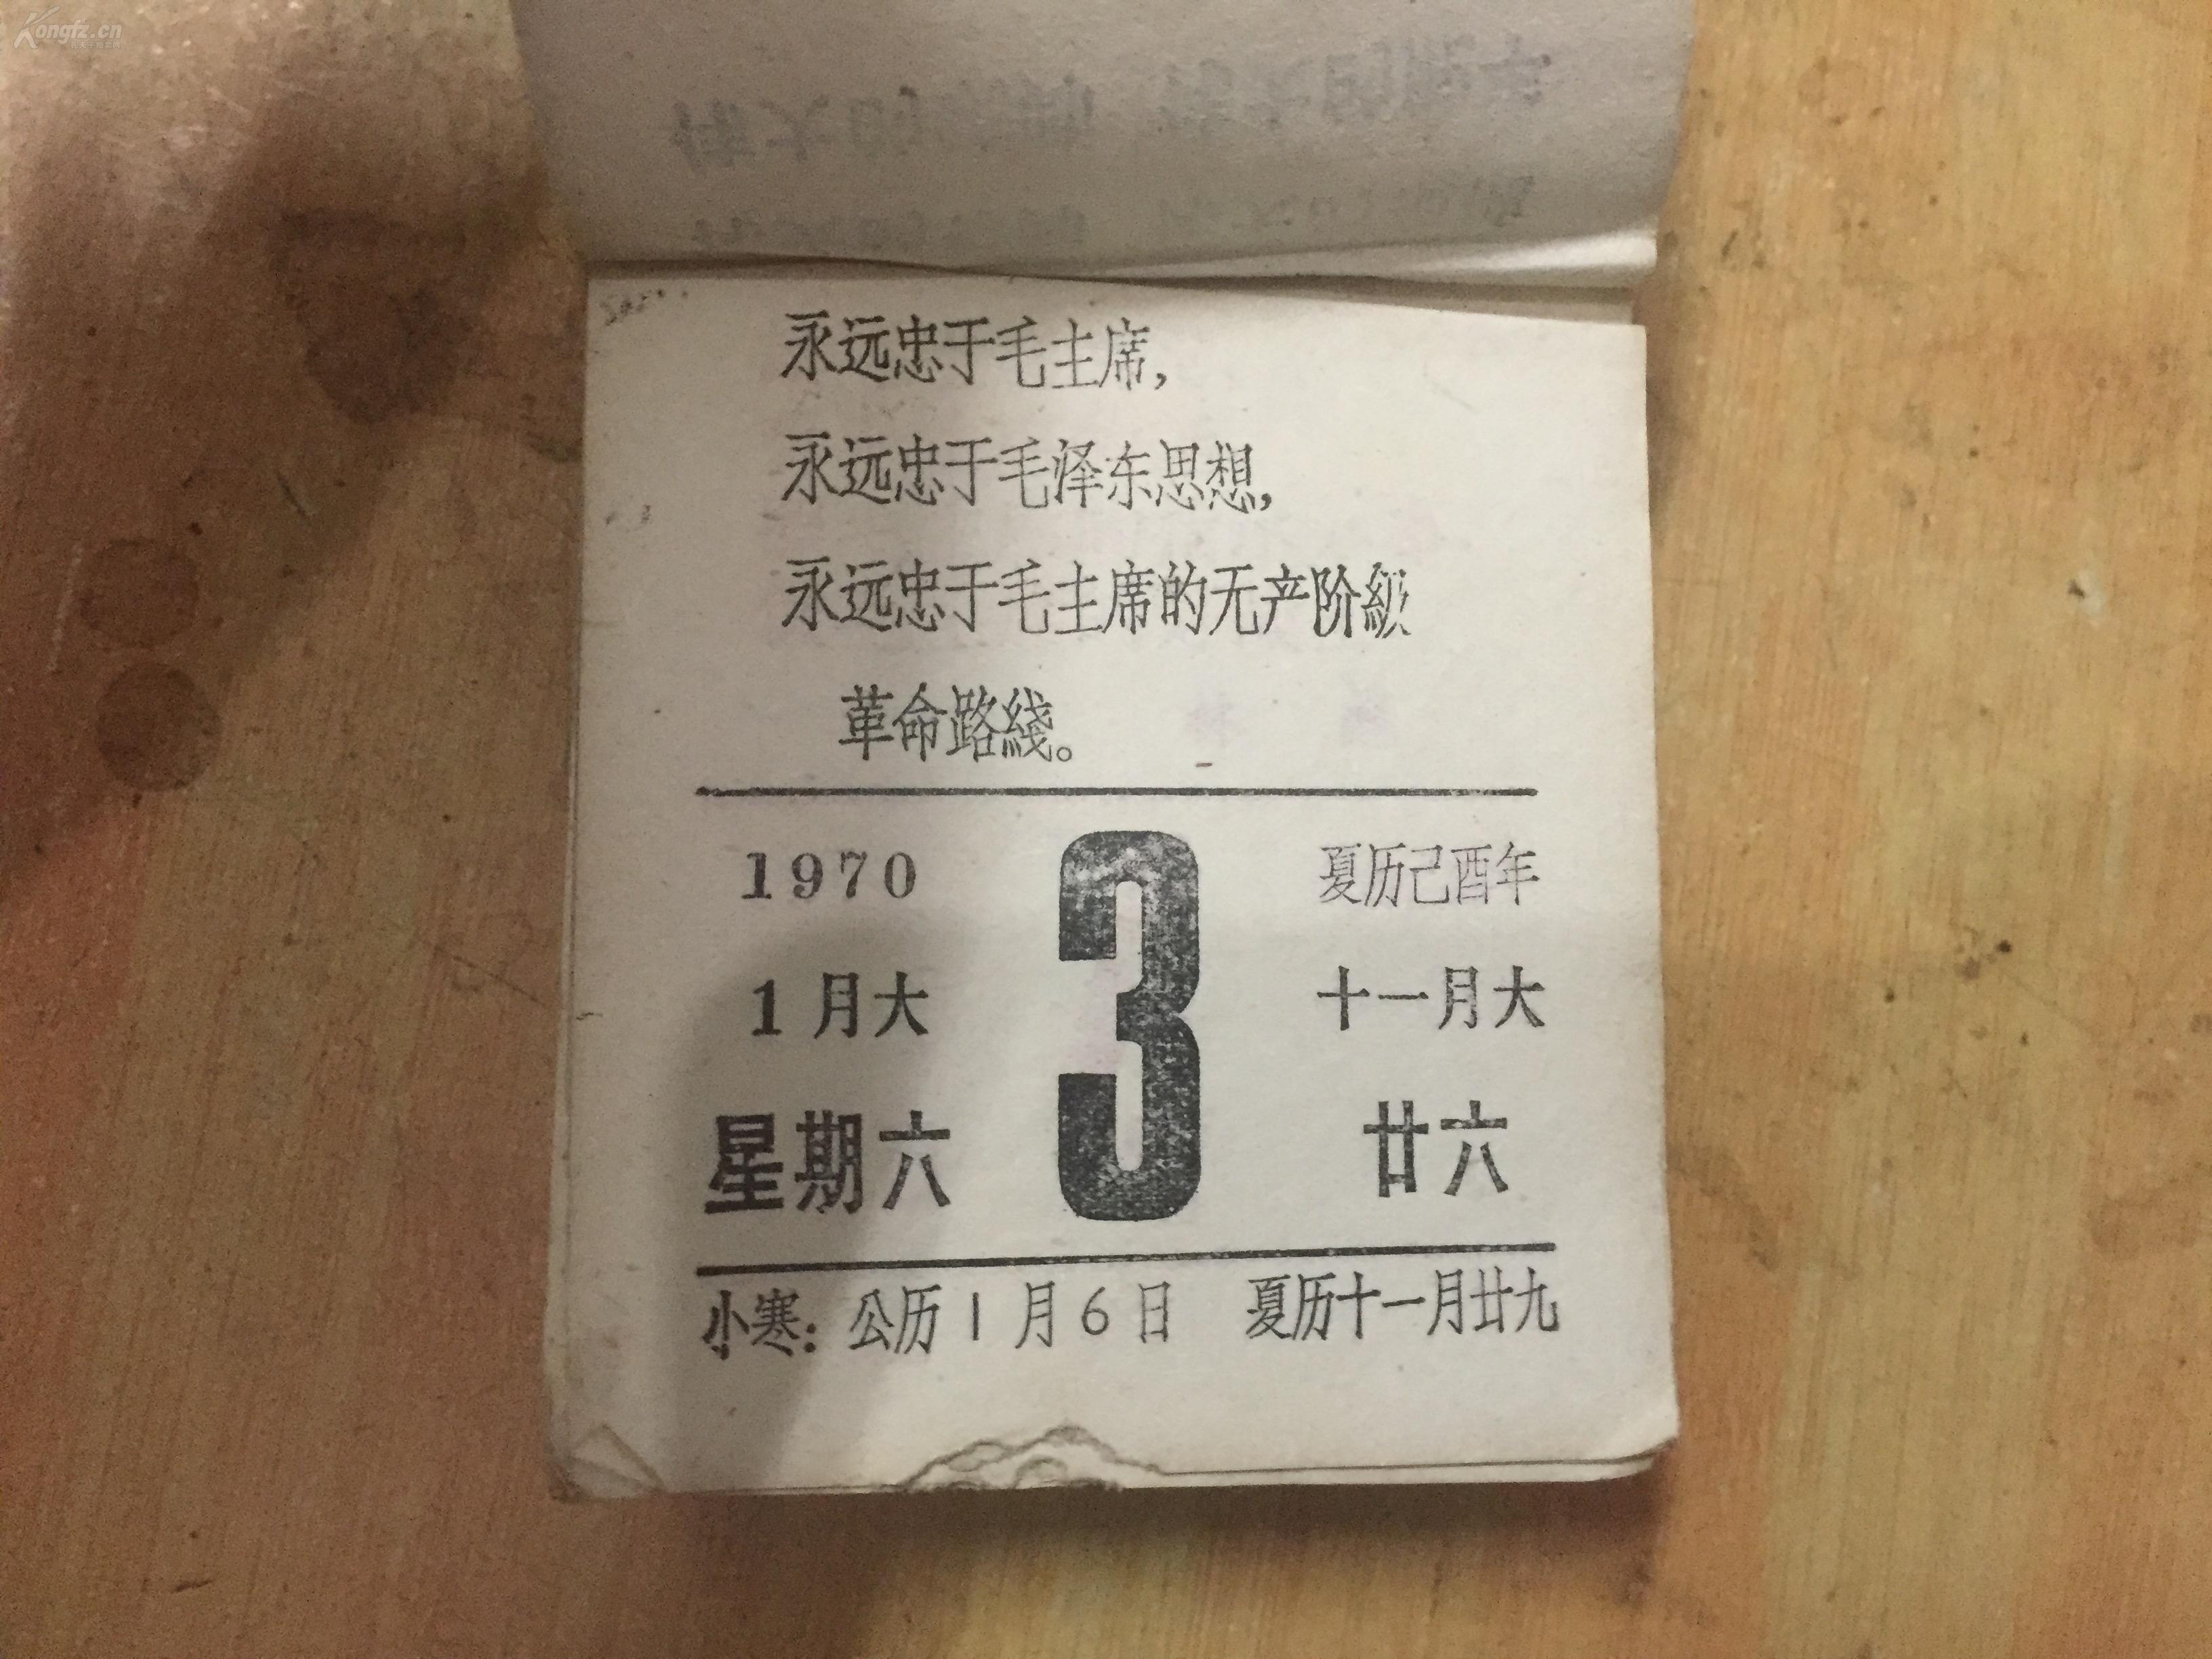 1月17日:测命运八字算命,算卦占卜 道家风水传承网